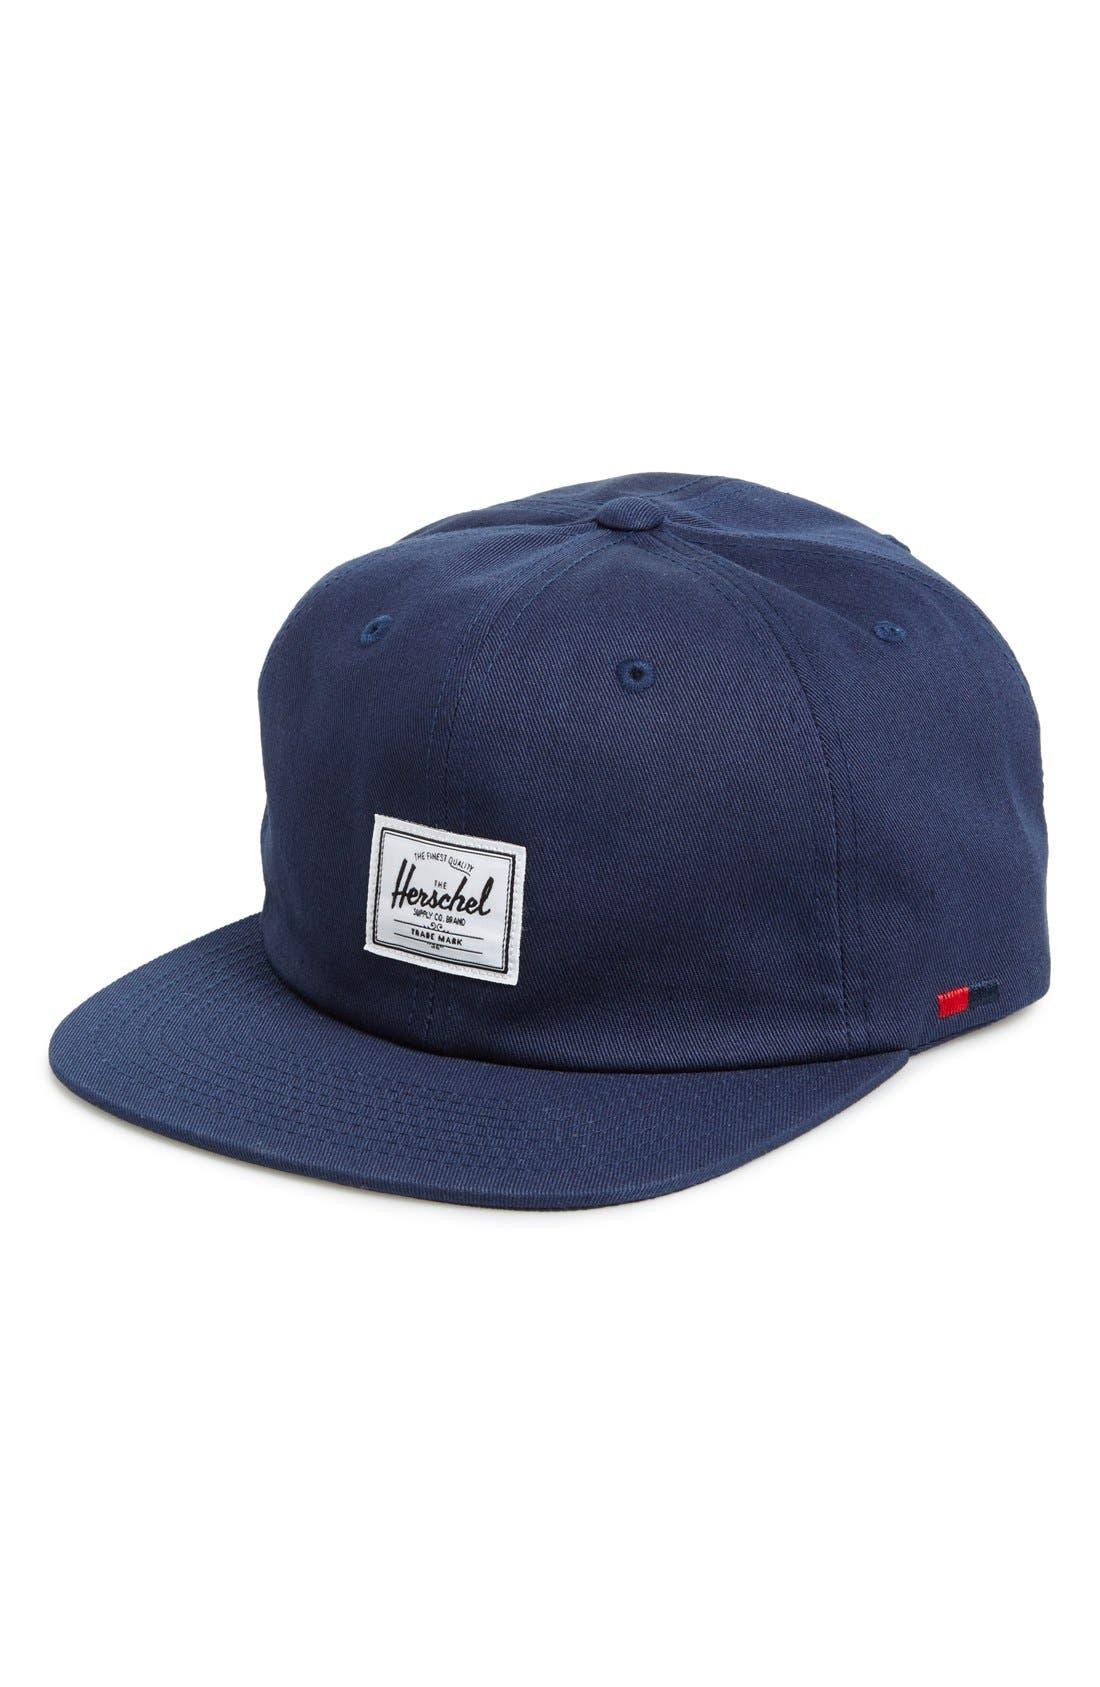 Main Image - Herschel Supply Co. 'Albert' Cotton Baseball Cap